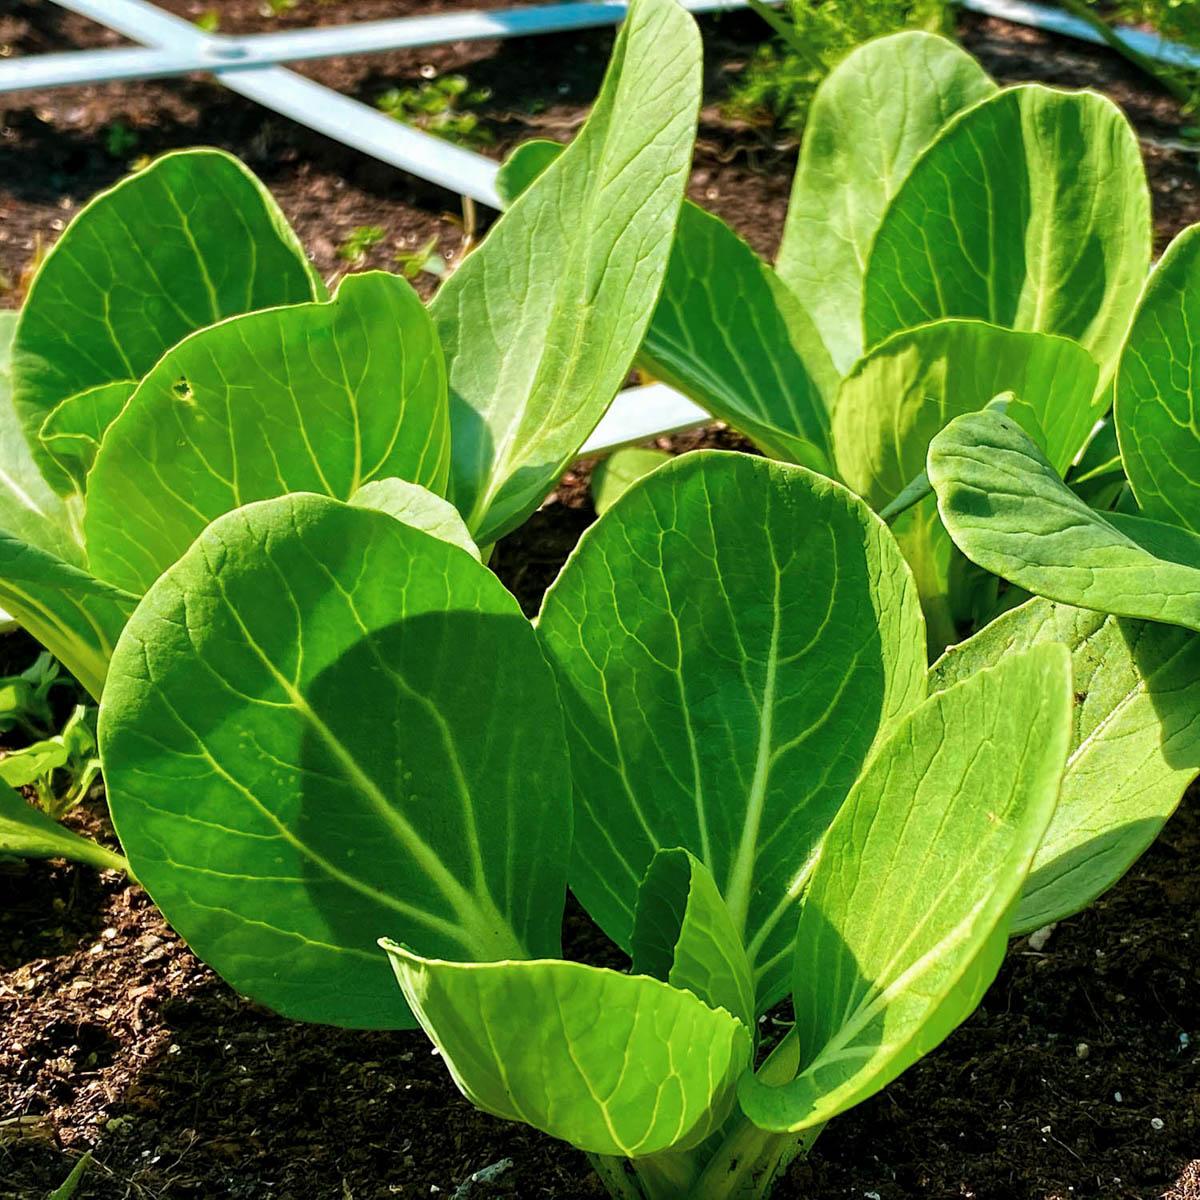 Middelgrote paksoi planten in de Makkelijke Moestuin